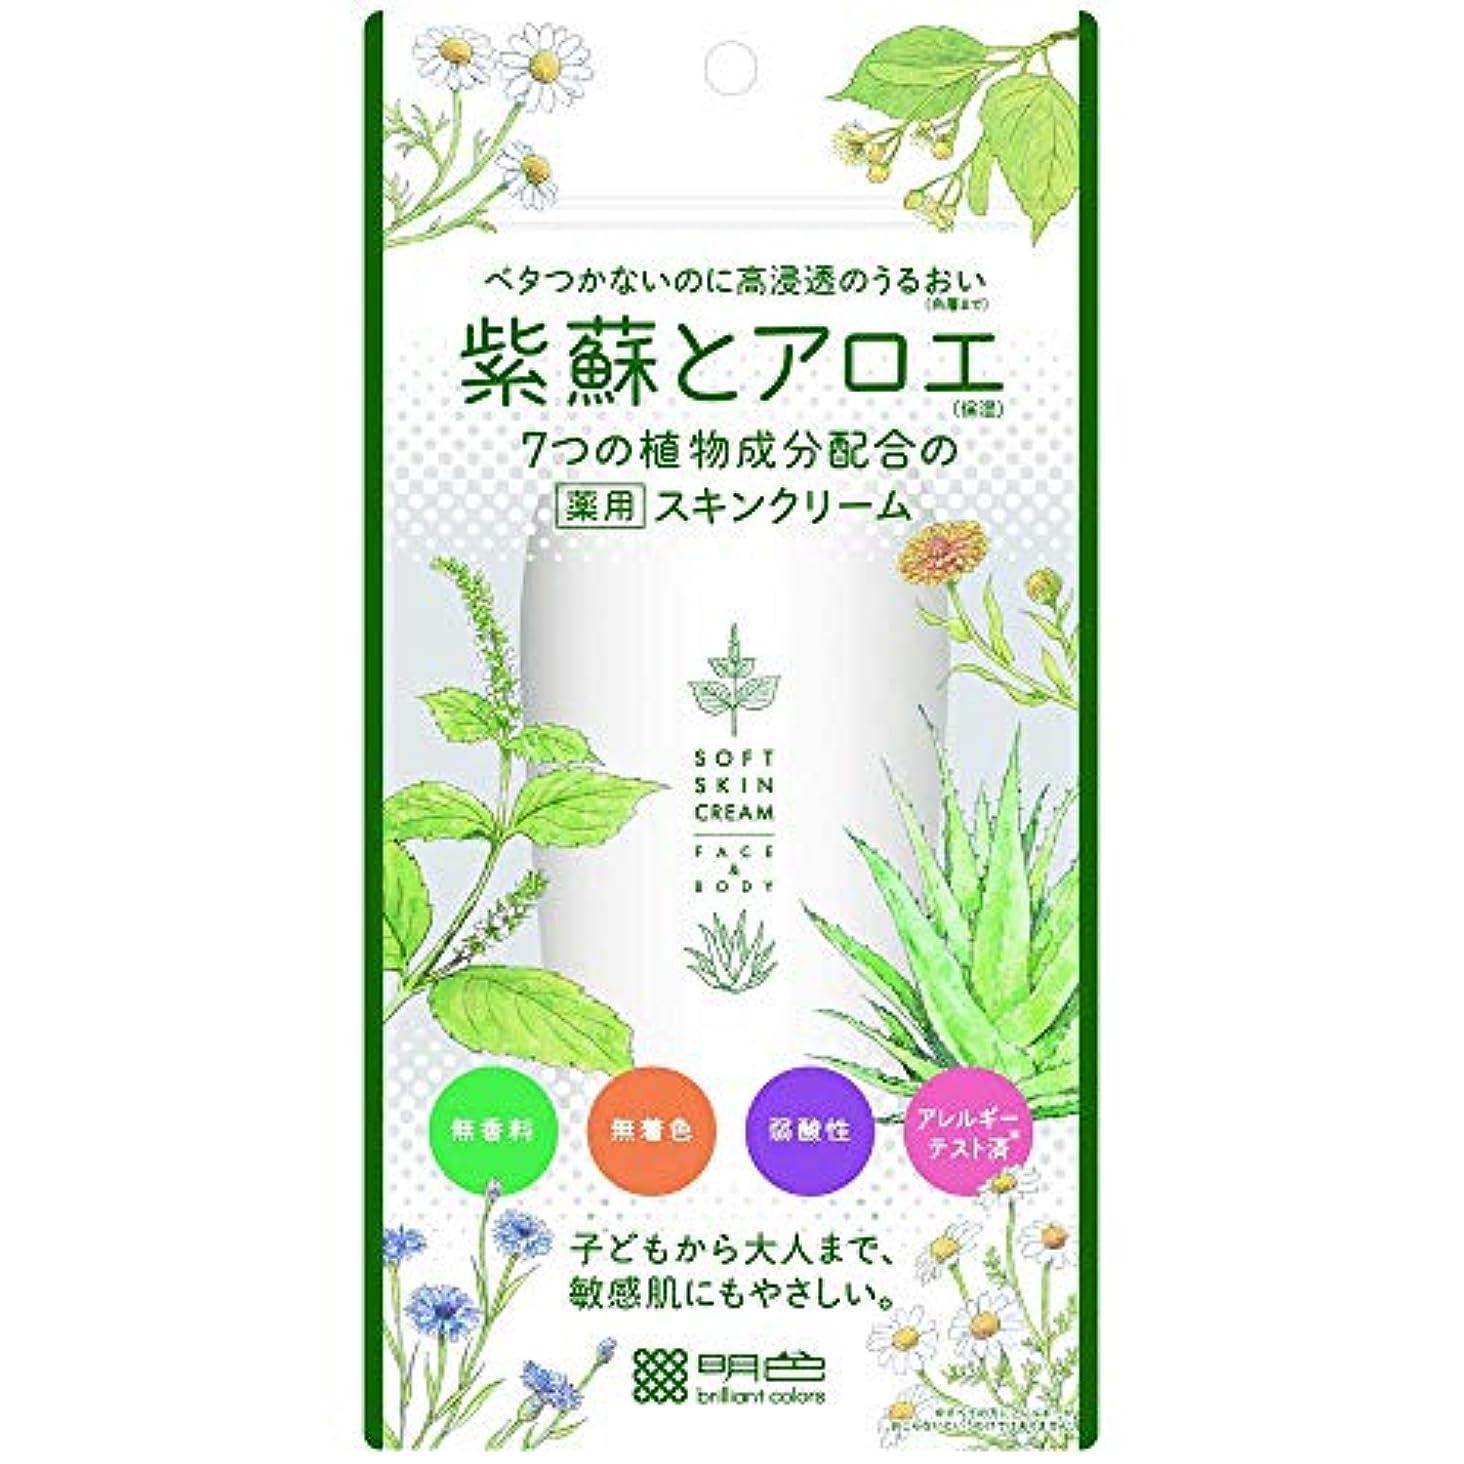 ソート泣き叫ぶ野な【9個セット】紫蘇とアロエ 薬用スキンクリーム 190g